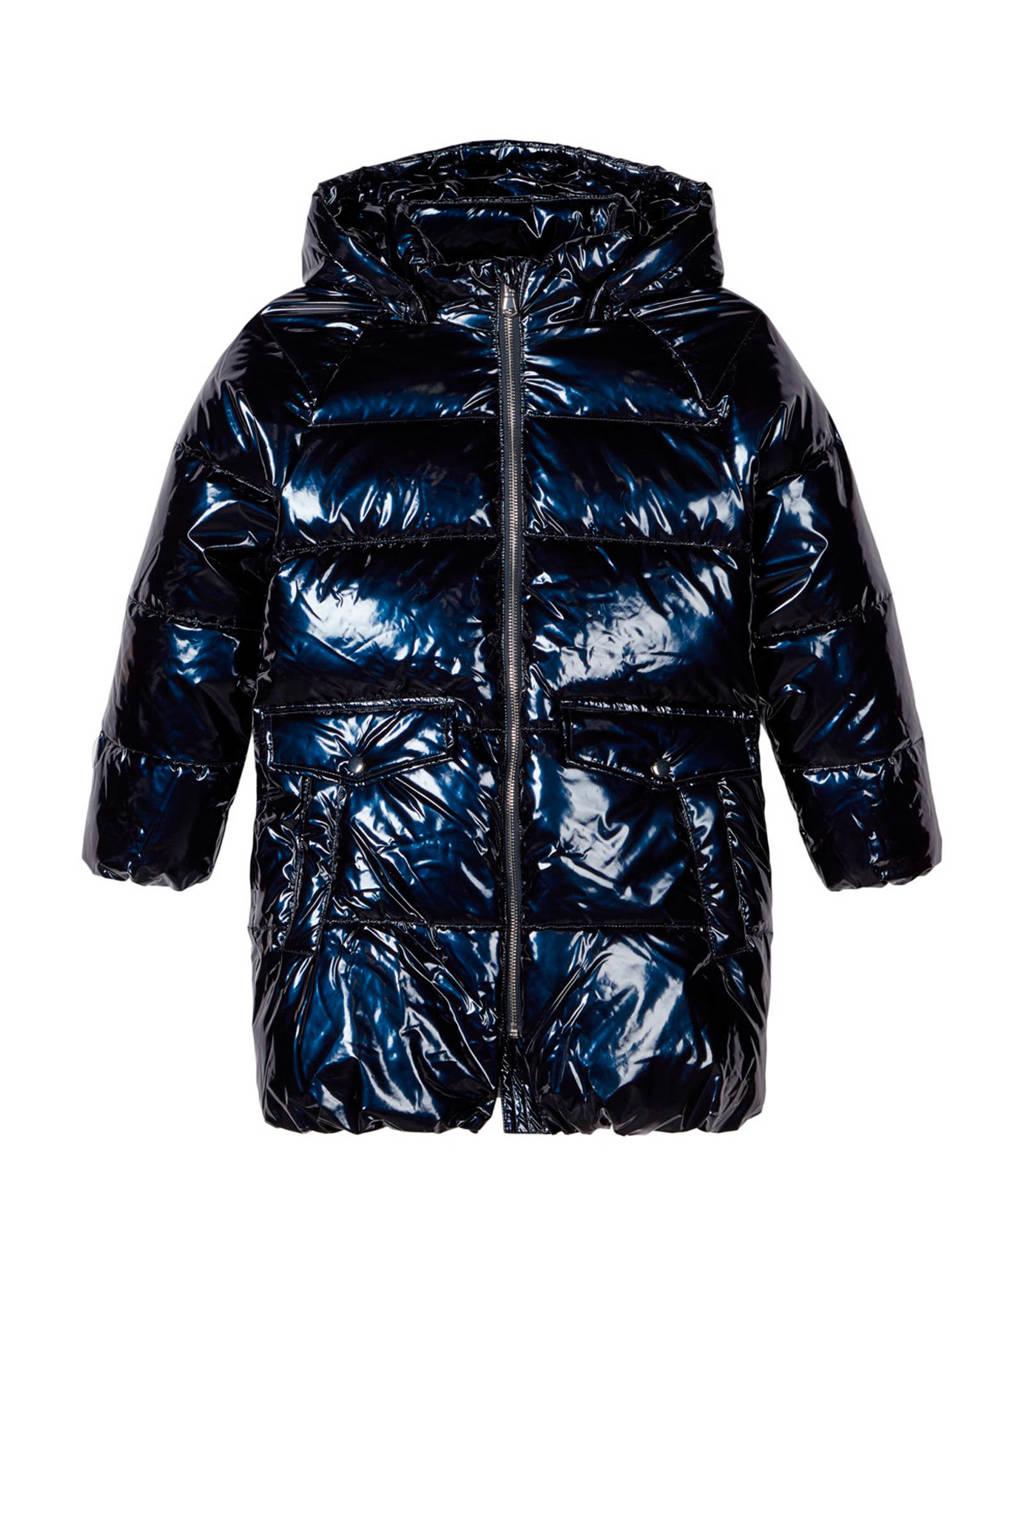 NAME IT KIDS winterjas Mika zwart, Donkerblauw